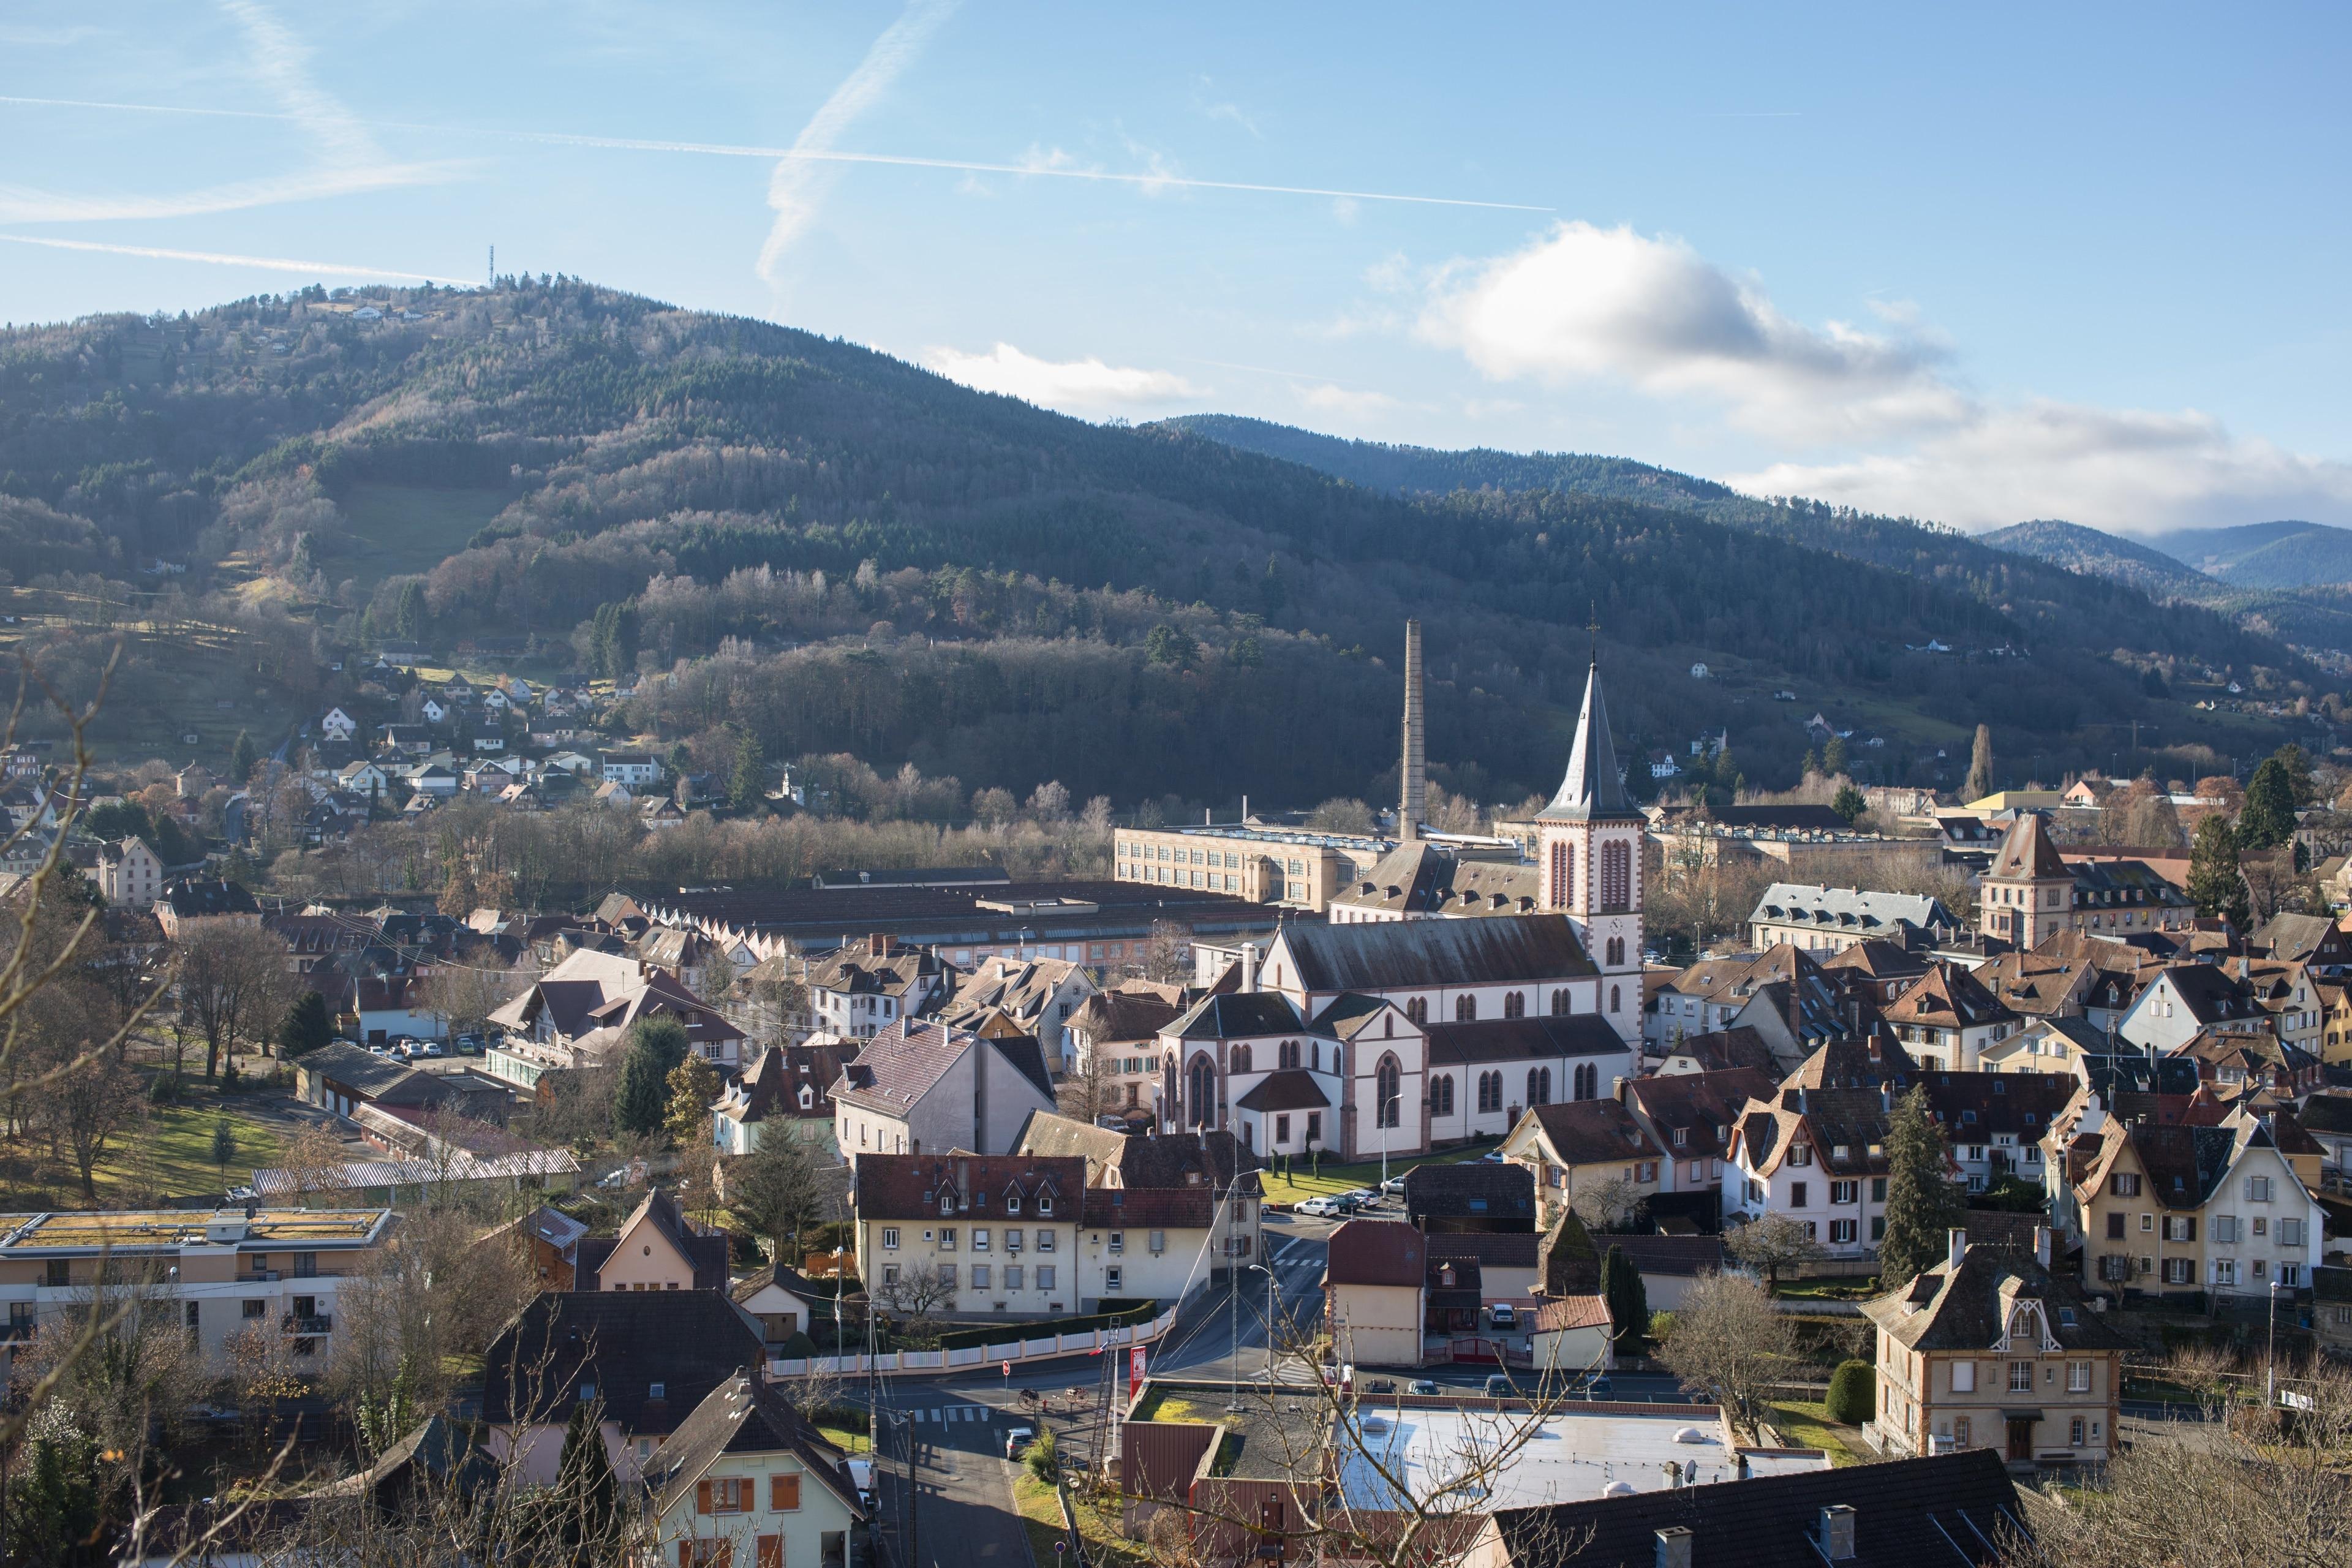 Munster, Haut-Rhin, France